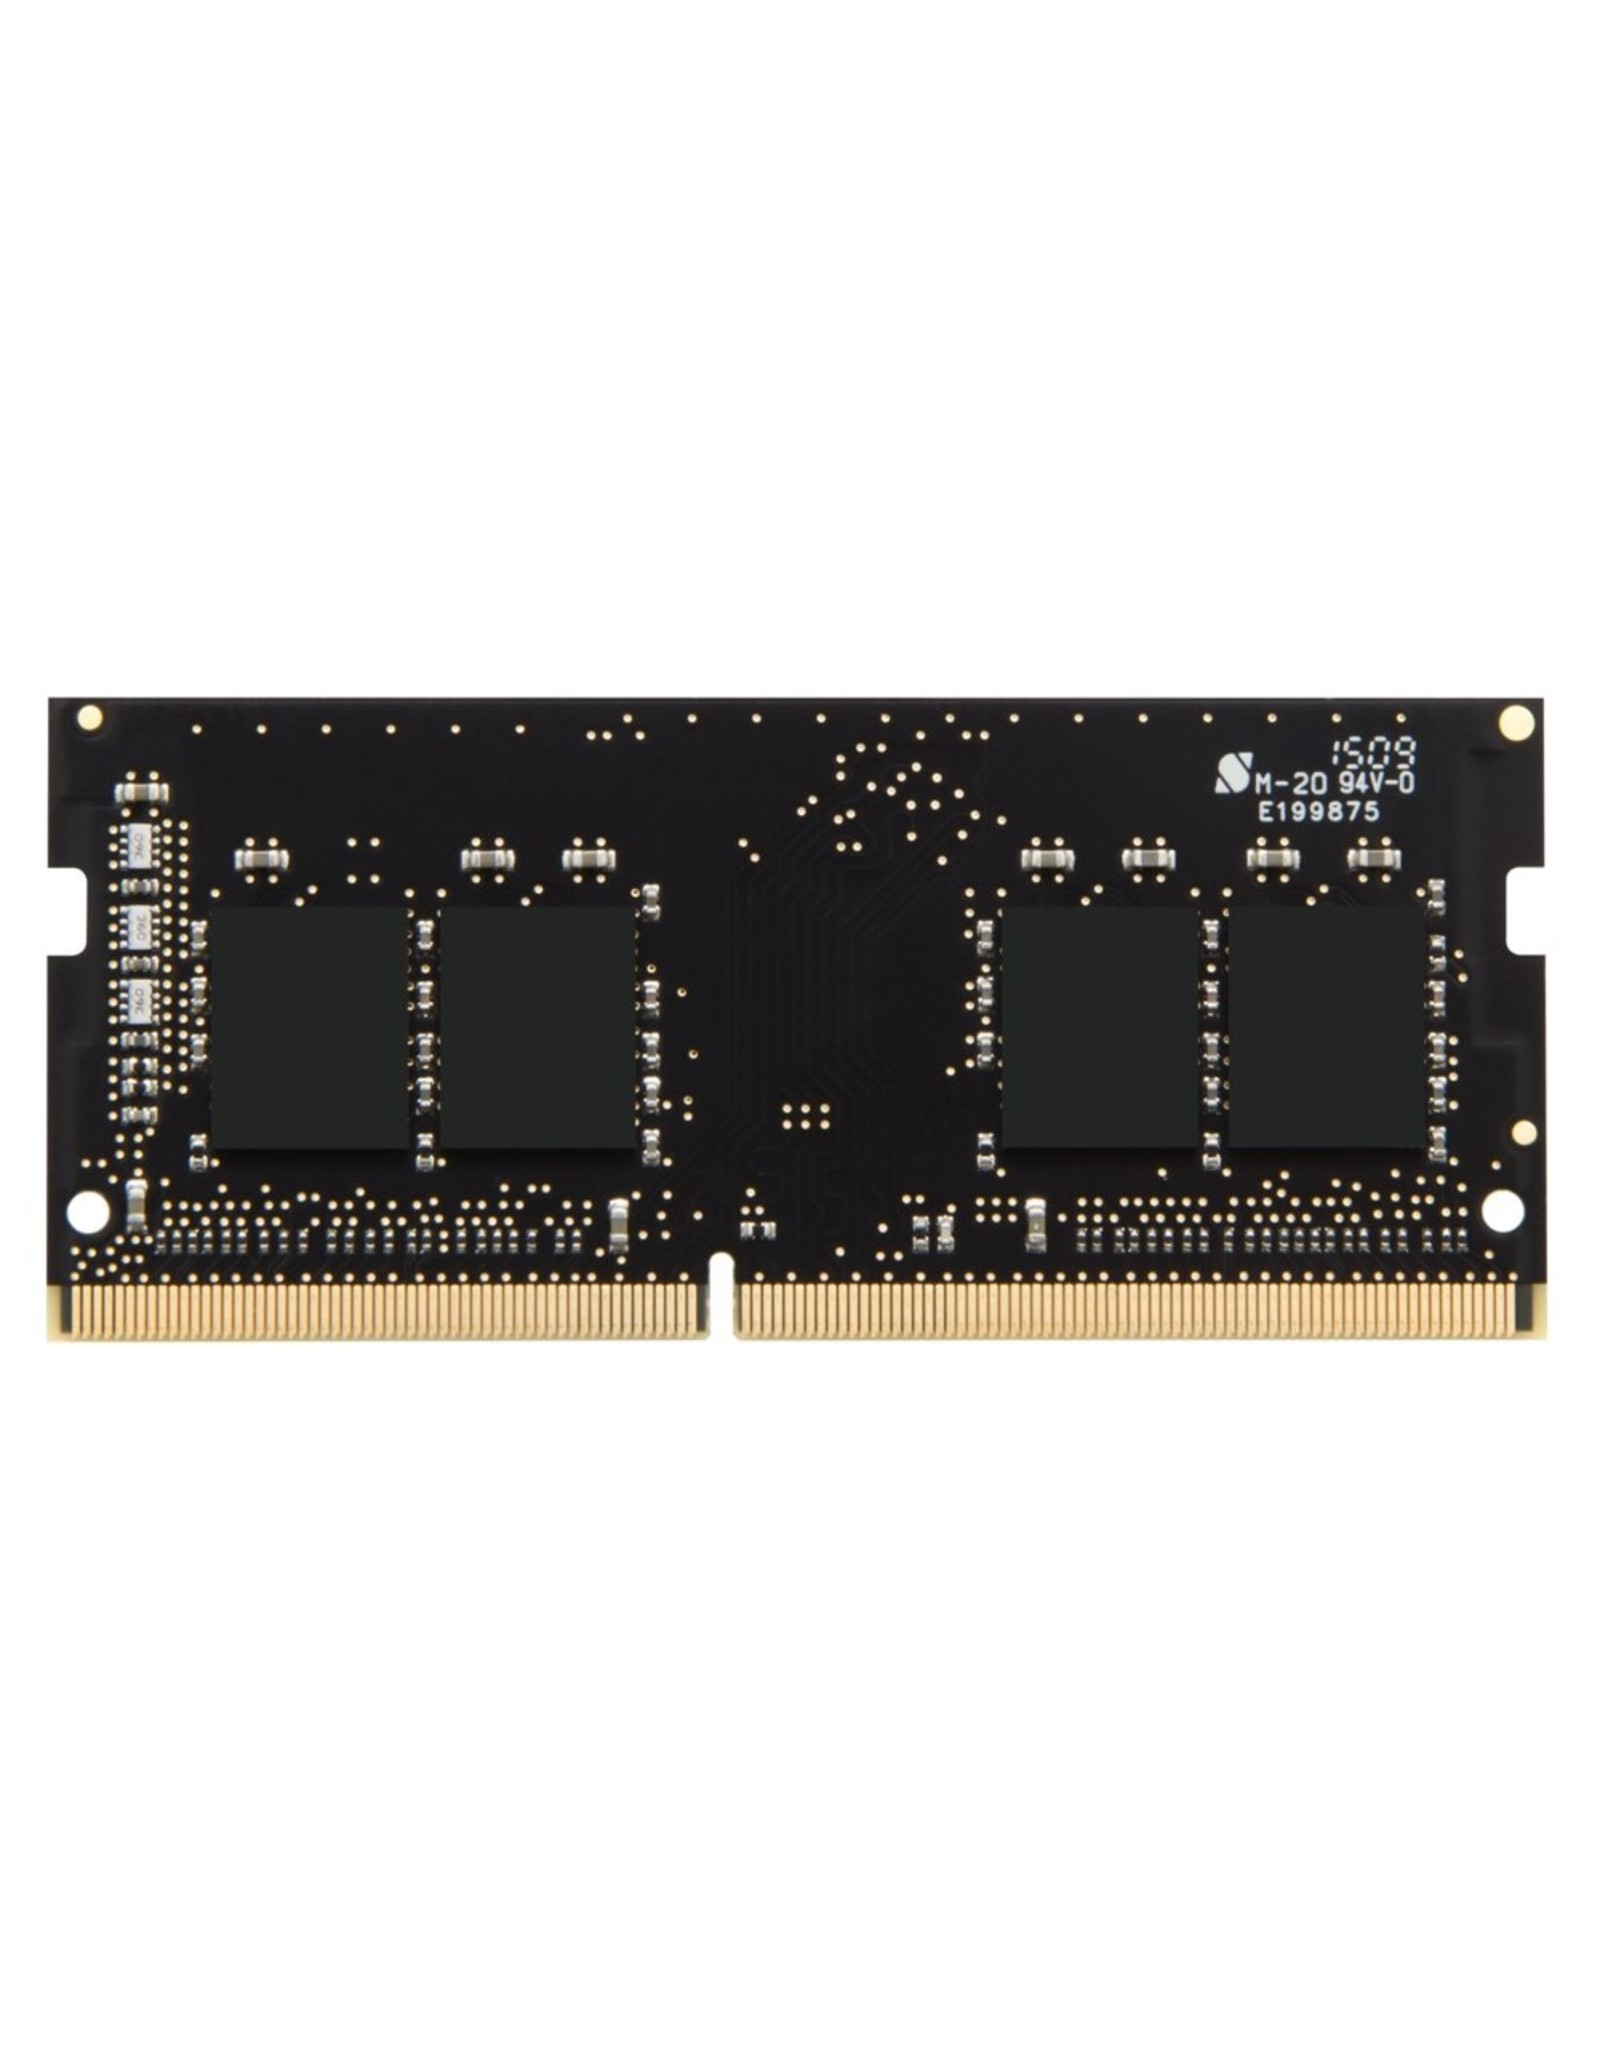 Kingston MEM  HyperX Impakt 4GB DDR4 2133MHZ SODIMM